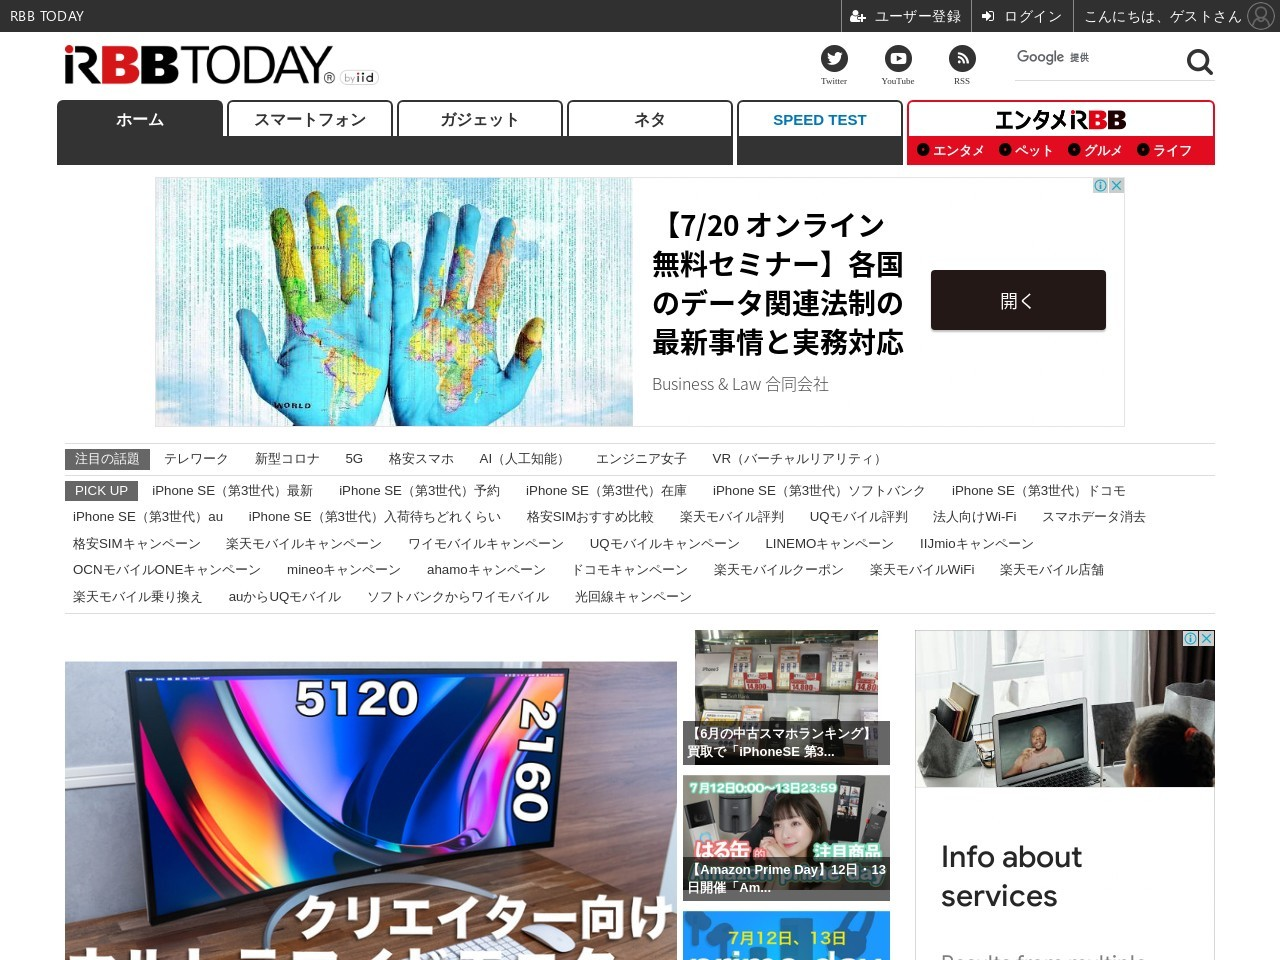 宇多田ヒカル『初恋』がオリコンランキング初登場1位を獲得